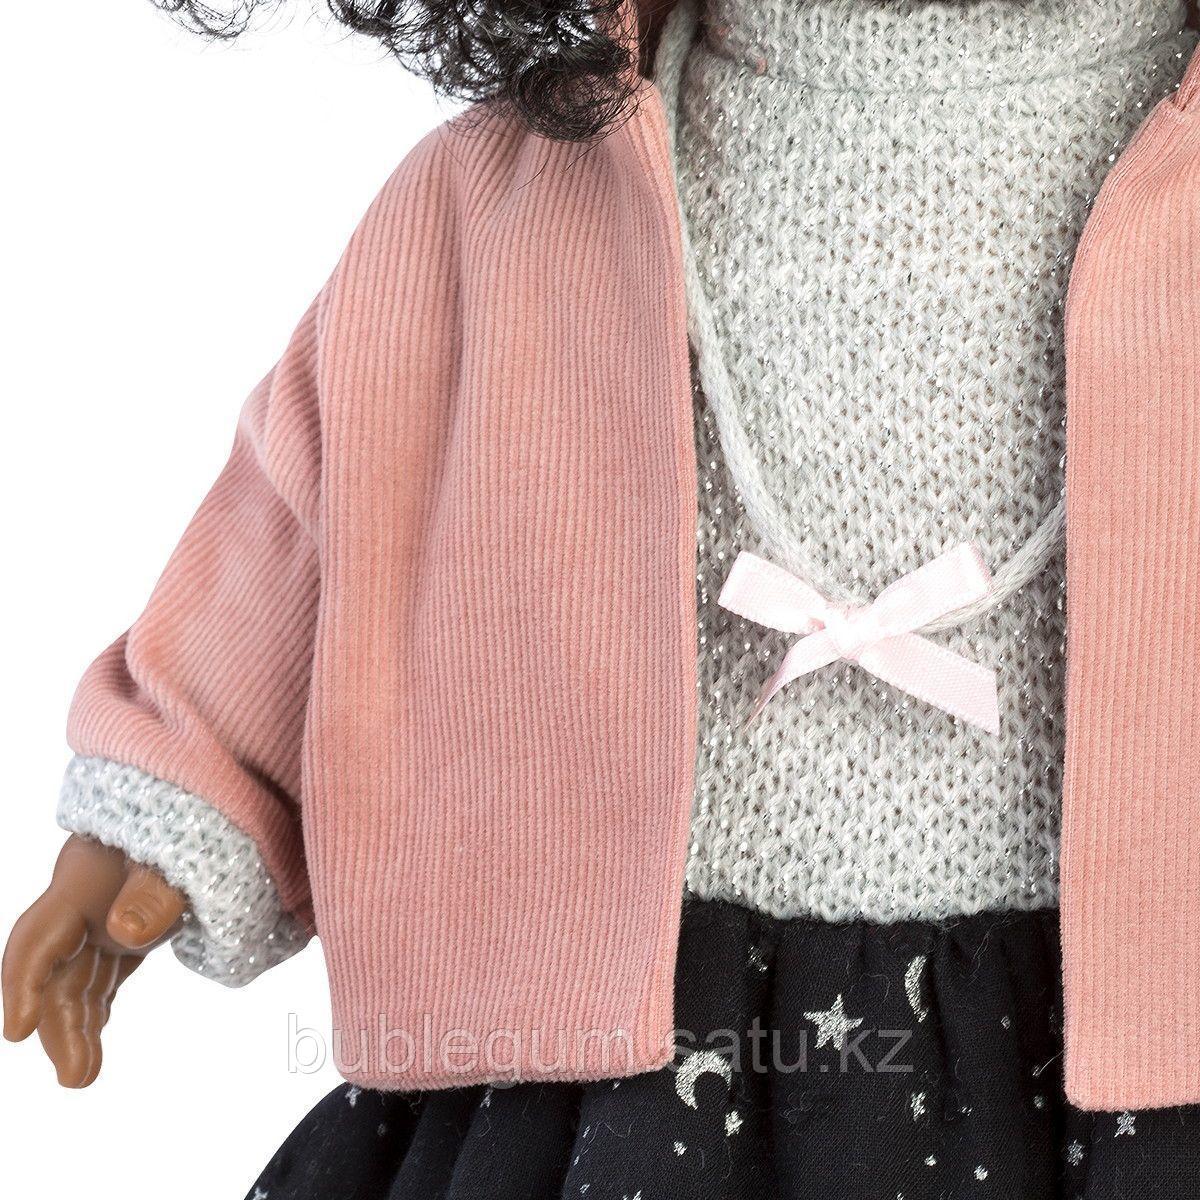 LLORENS:Кукла Зури 35см, мулатка в розовом жакете и черной кружевной юбке - фото 5